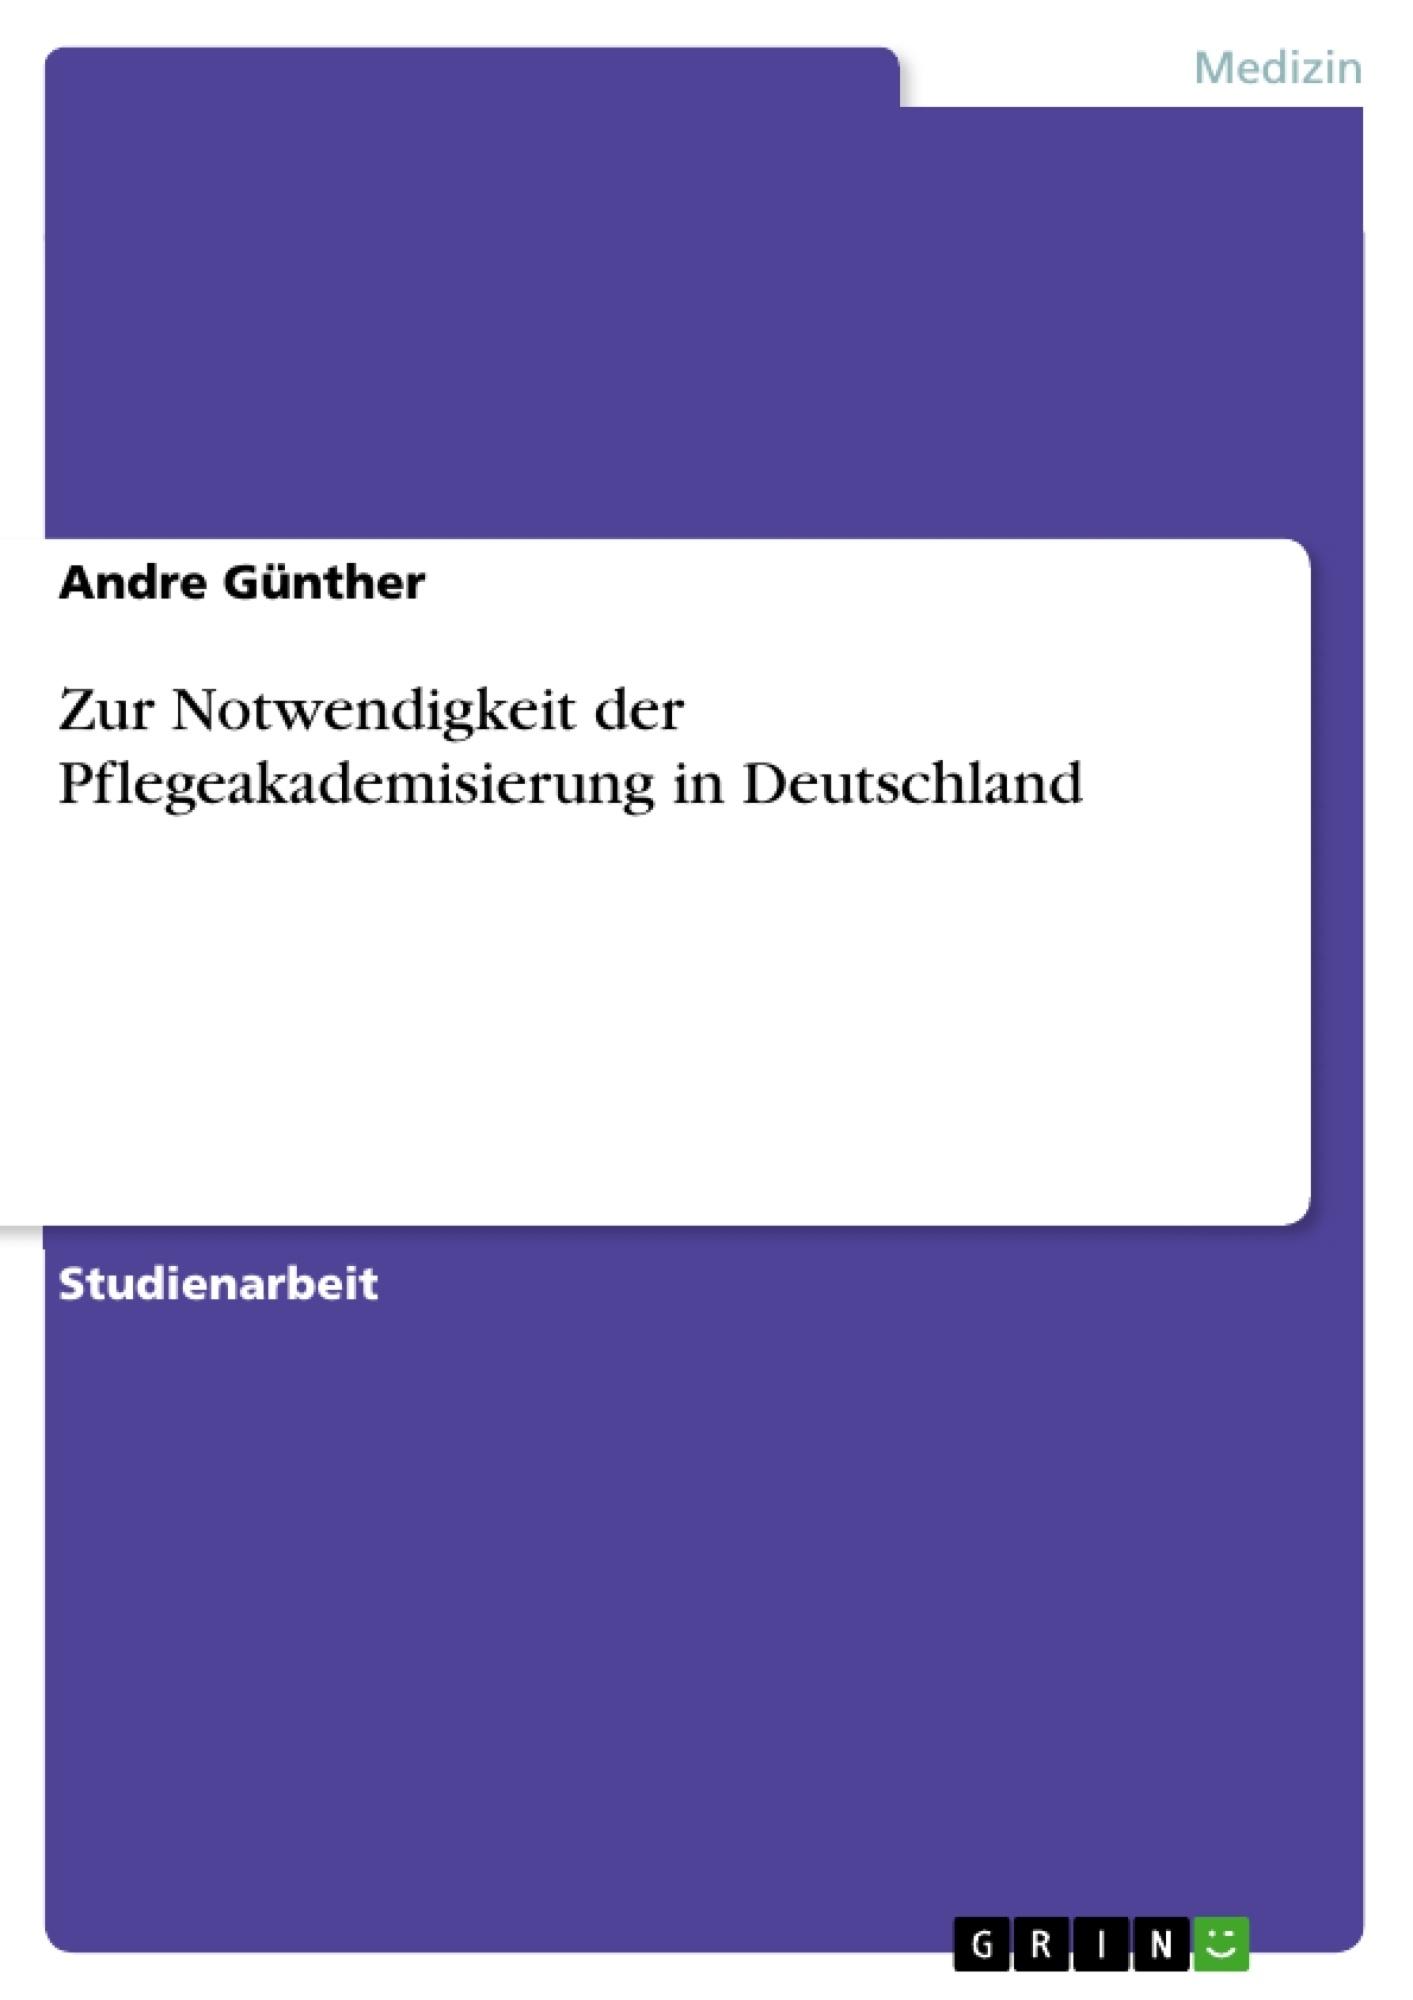 Titel: Zur Notwendigkeit der Pflegeakademisierung in Deutschland